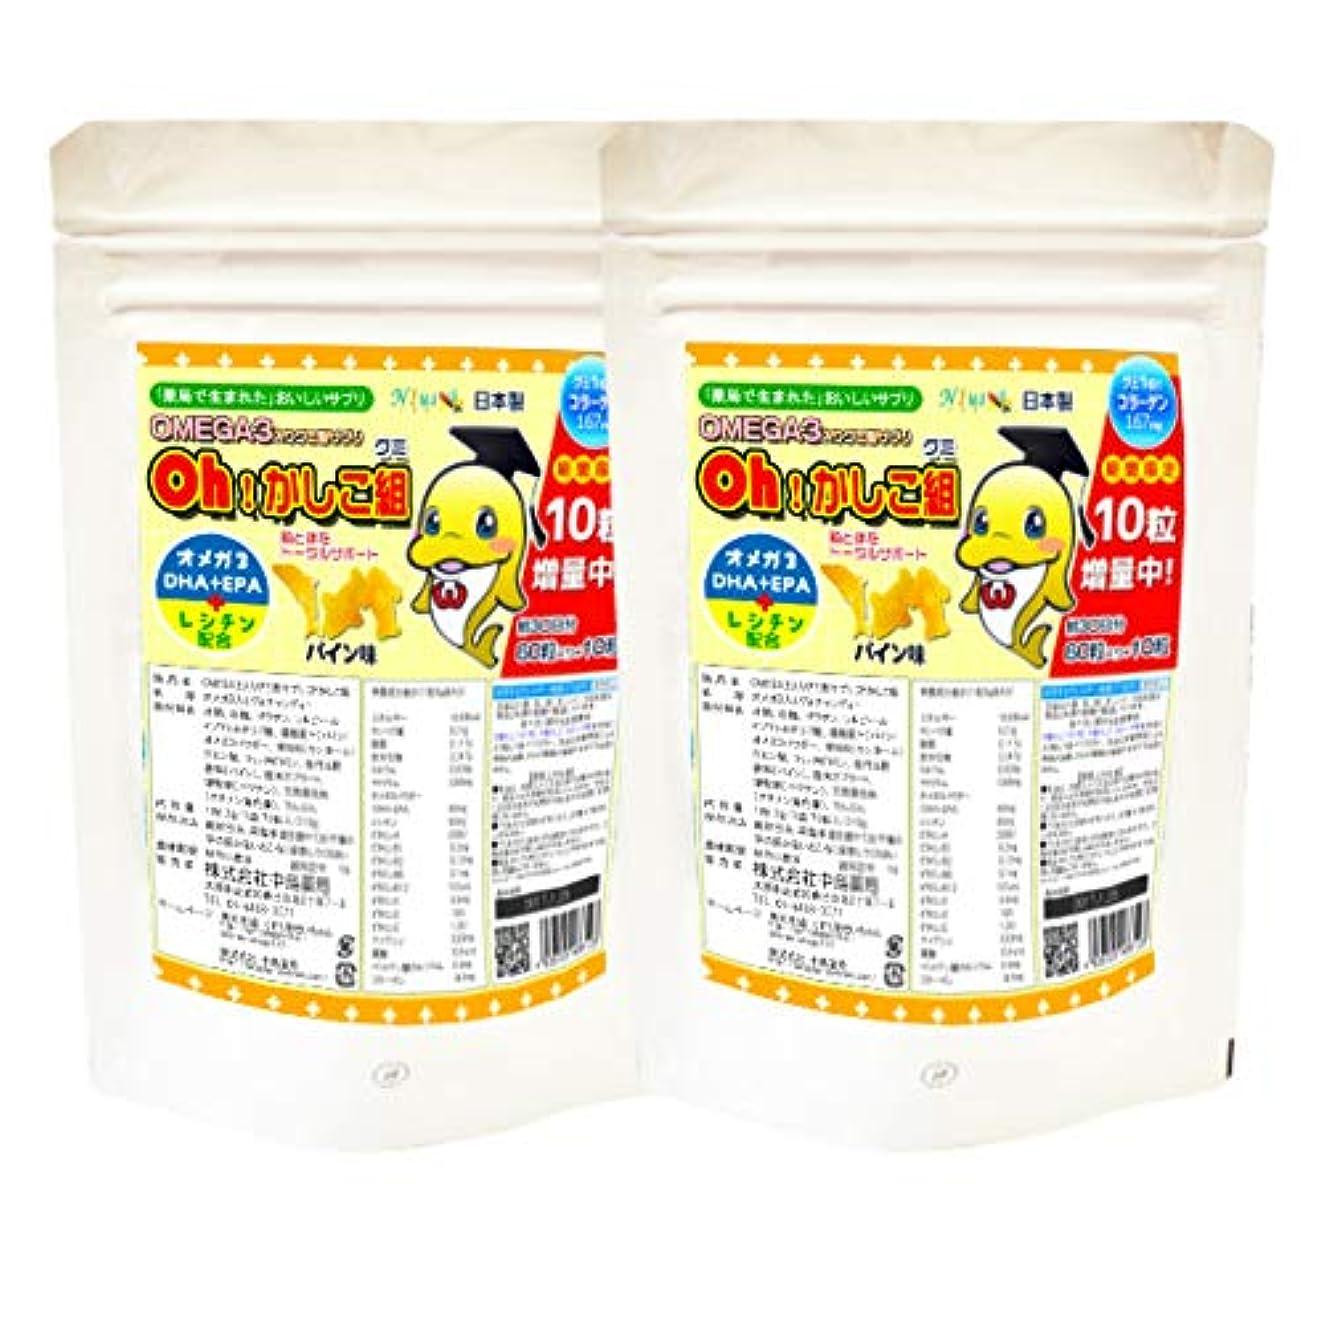 上暴動支援オメガ3グミ2袋セット【Oh!かしこ組オメガ3グミ60粒入(約1か月分)×2袋セット】今なら10粒増量中!パイナップル味?(レシチン+マルチビタミンも配合)